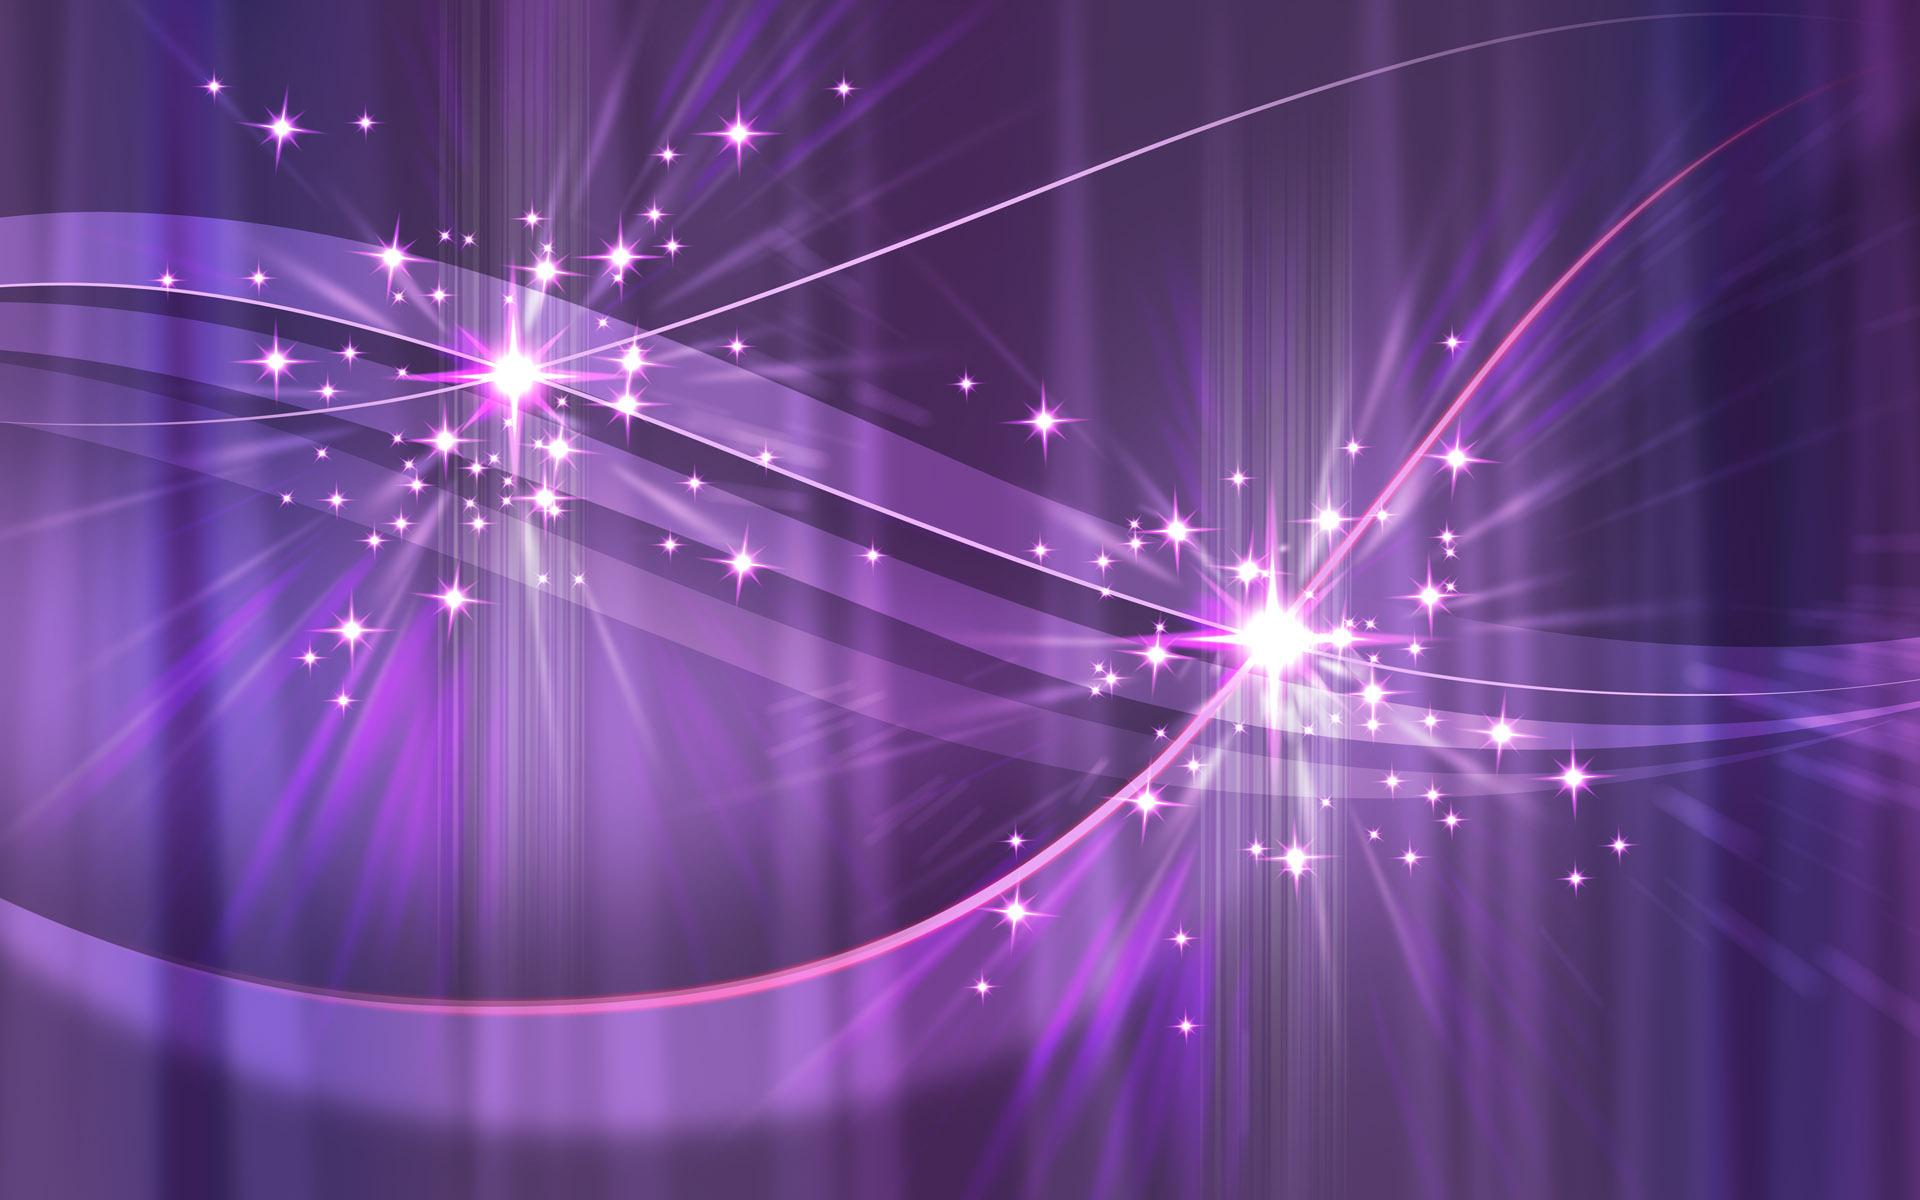 violet-sparks-wallpapers_7658_1920x1200.